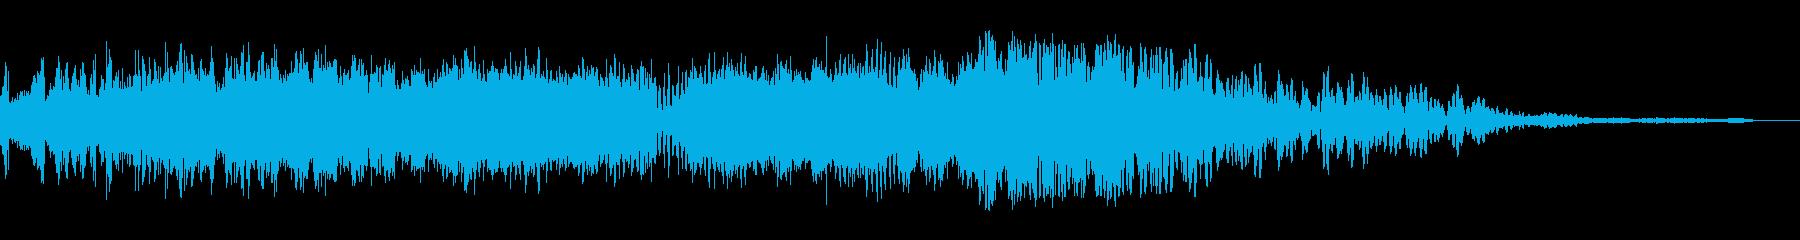 ビッグガーベリングシグナル干渉スイープ1の再生済みの波形